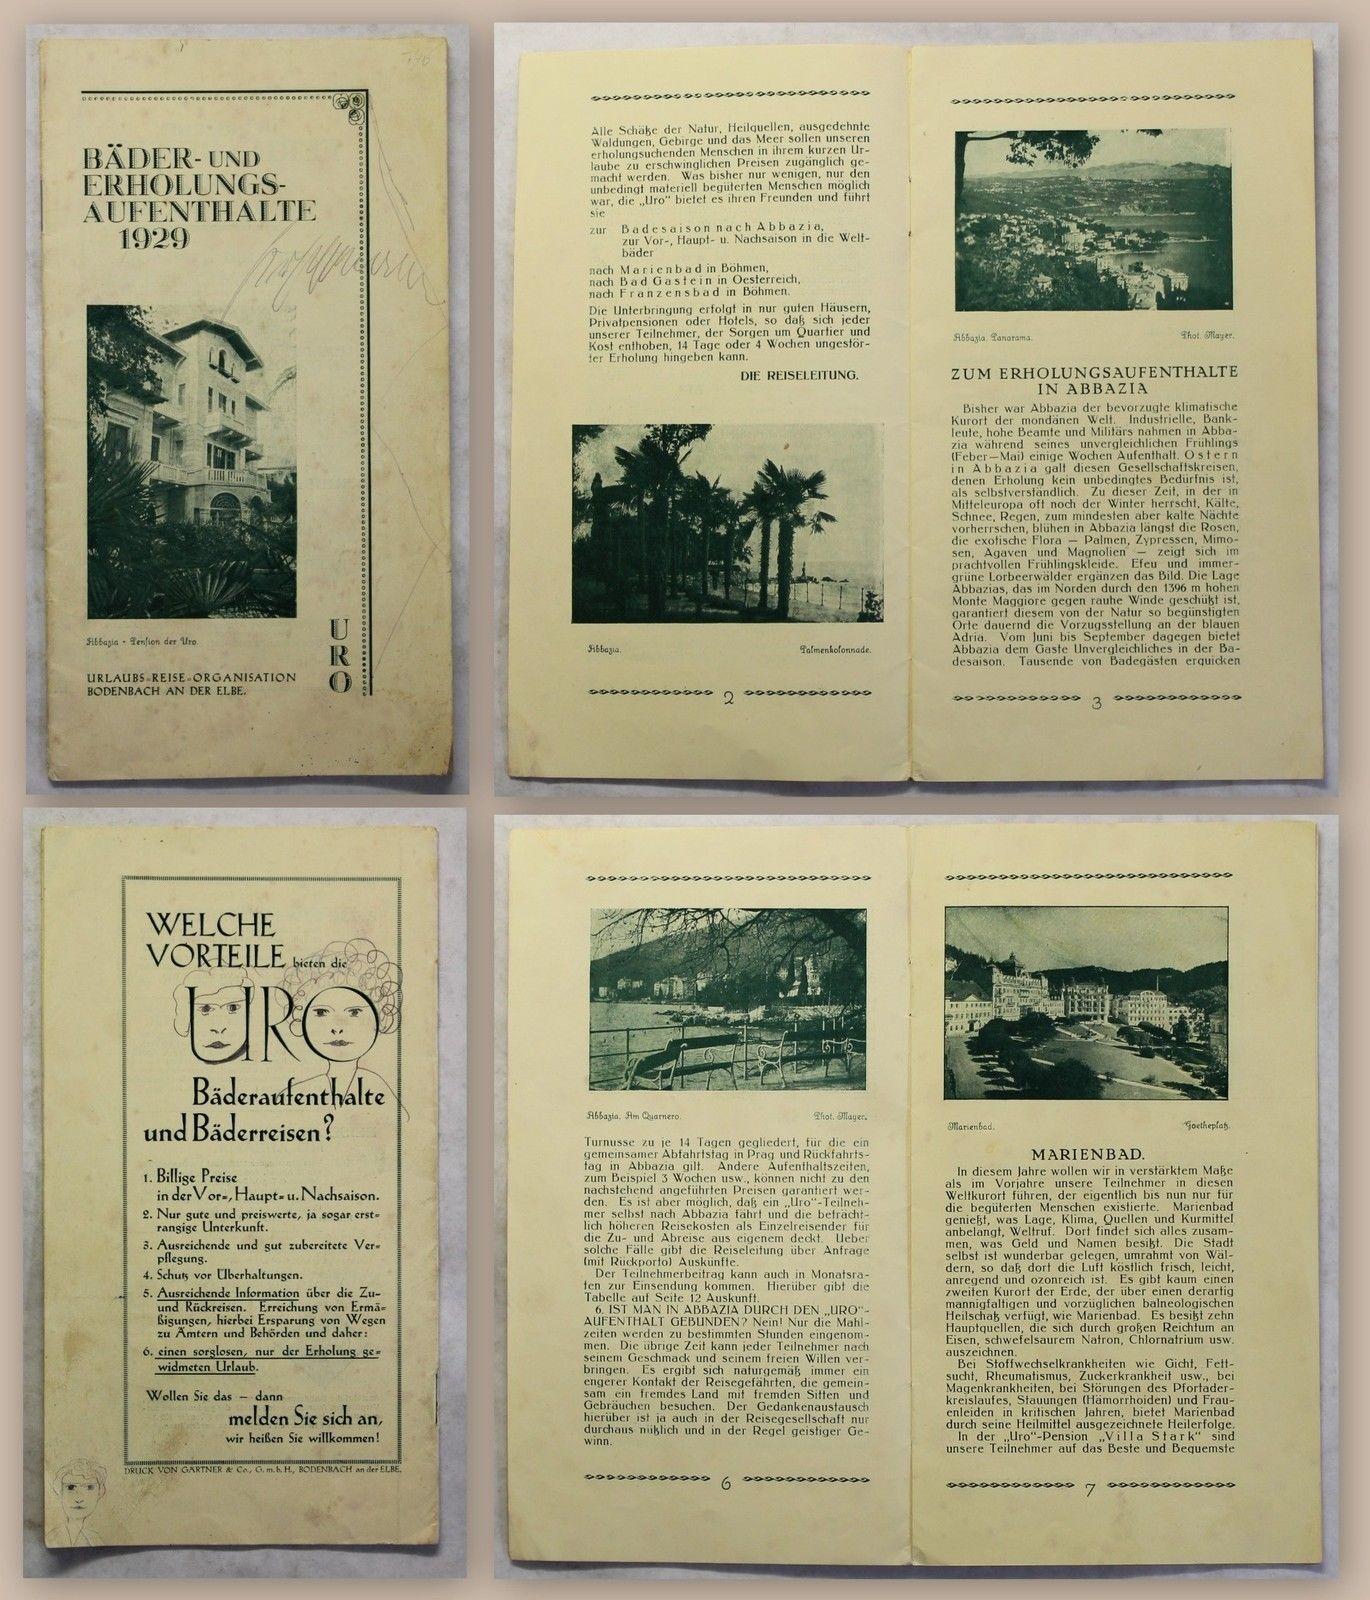 PROSPEKT BROCHURE DI VIAGGIO bagni e ripresa soggiorni 1929 ...